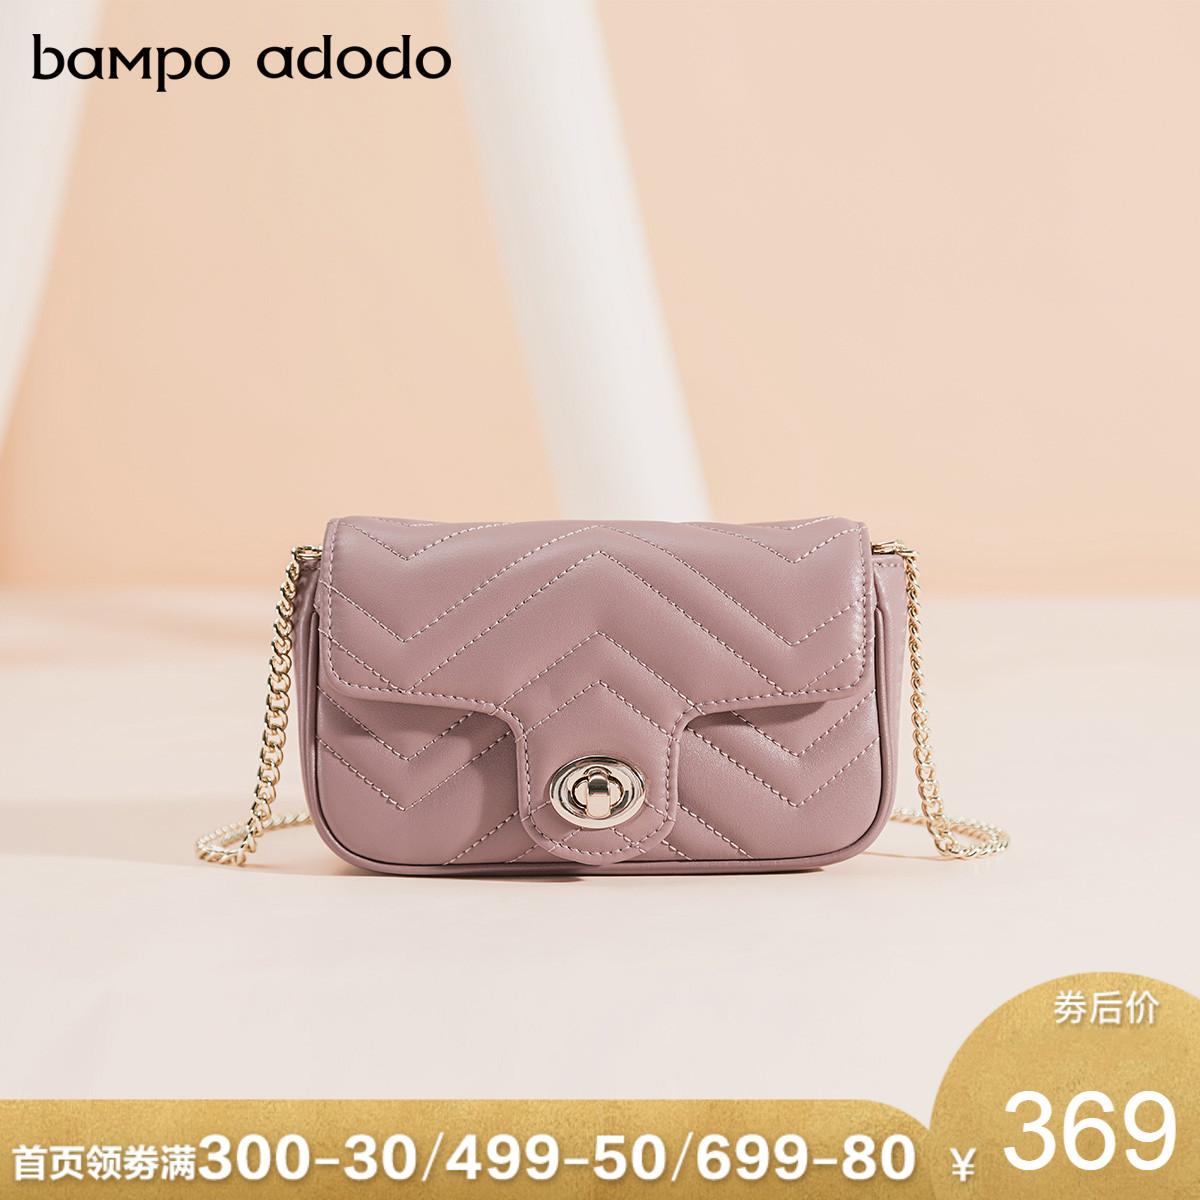 紫色链条包 品牌链条小方包女紫色菱格包2020新款夏季高级温柔真皮单肩斜挎包_推荐淘宝好看的紫色链条包